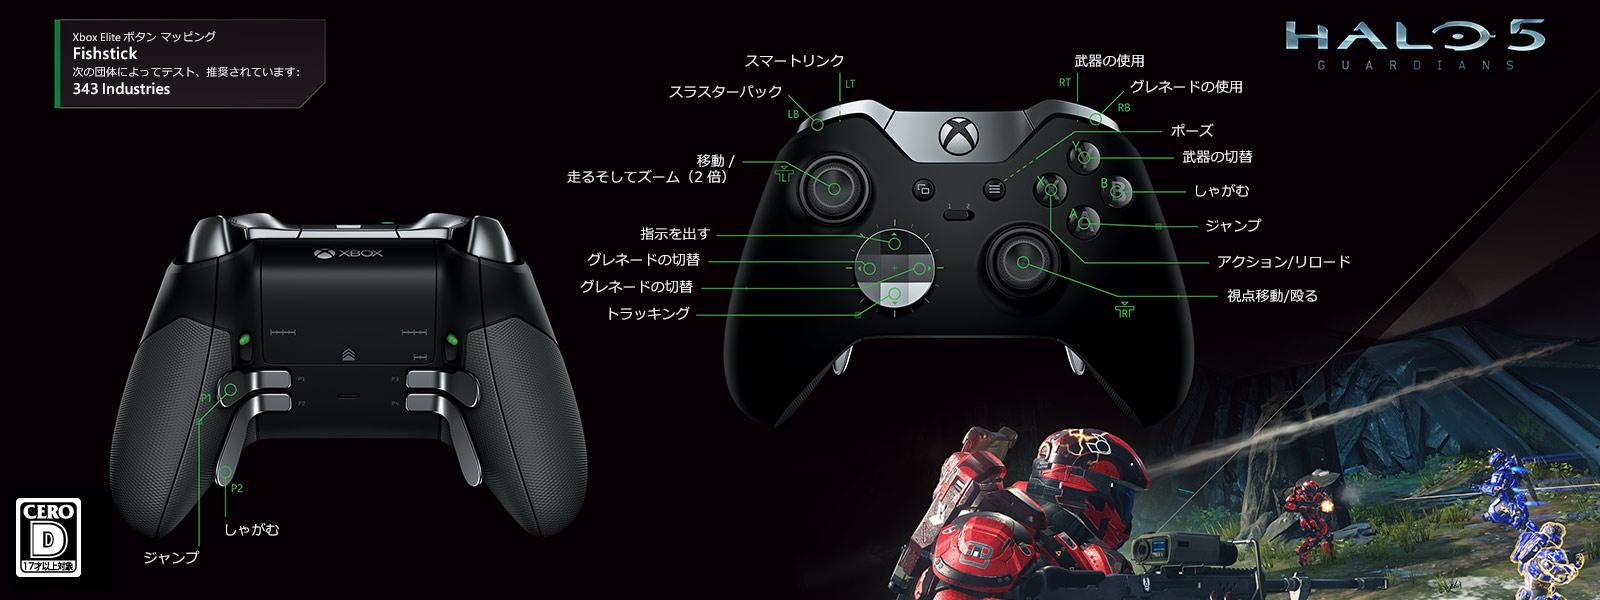 Halo 5 - フィッシュスティック Elite マッピング